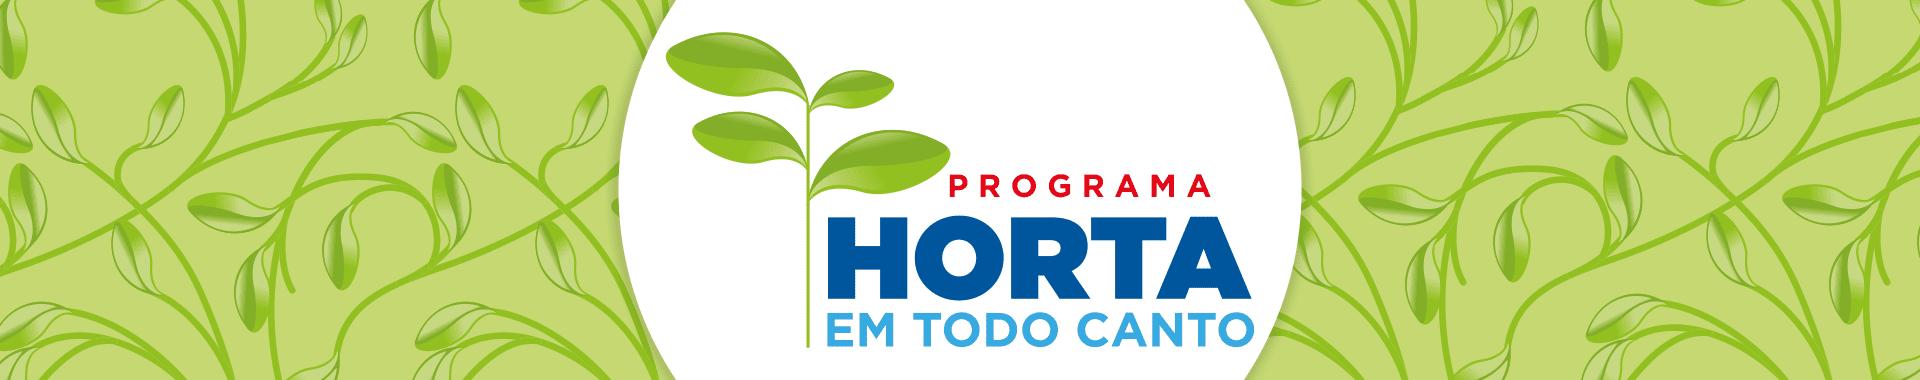 horta_todo_canto